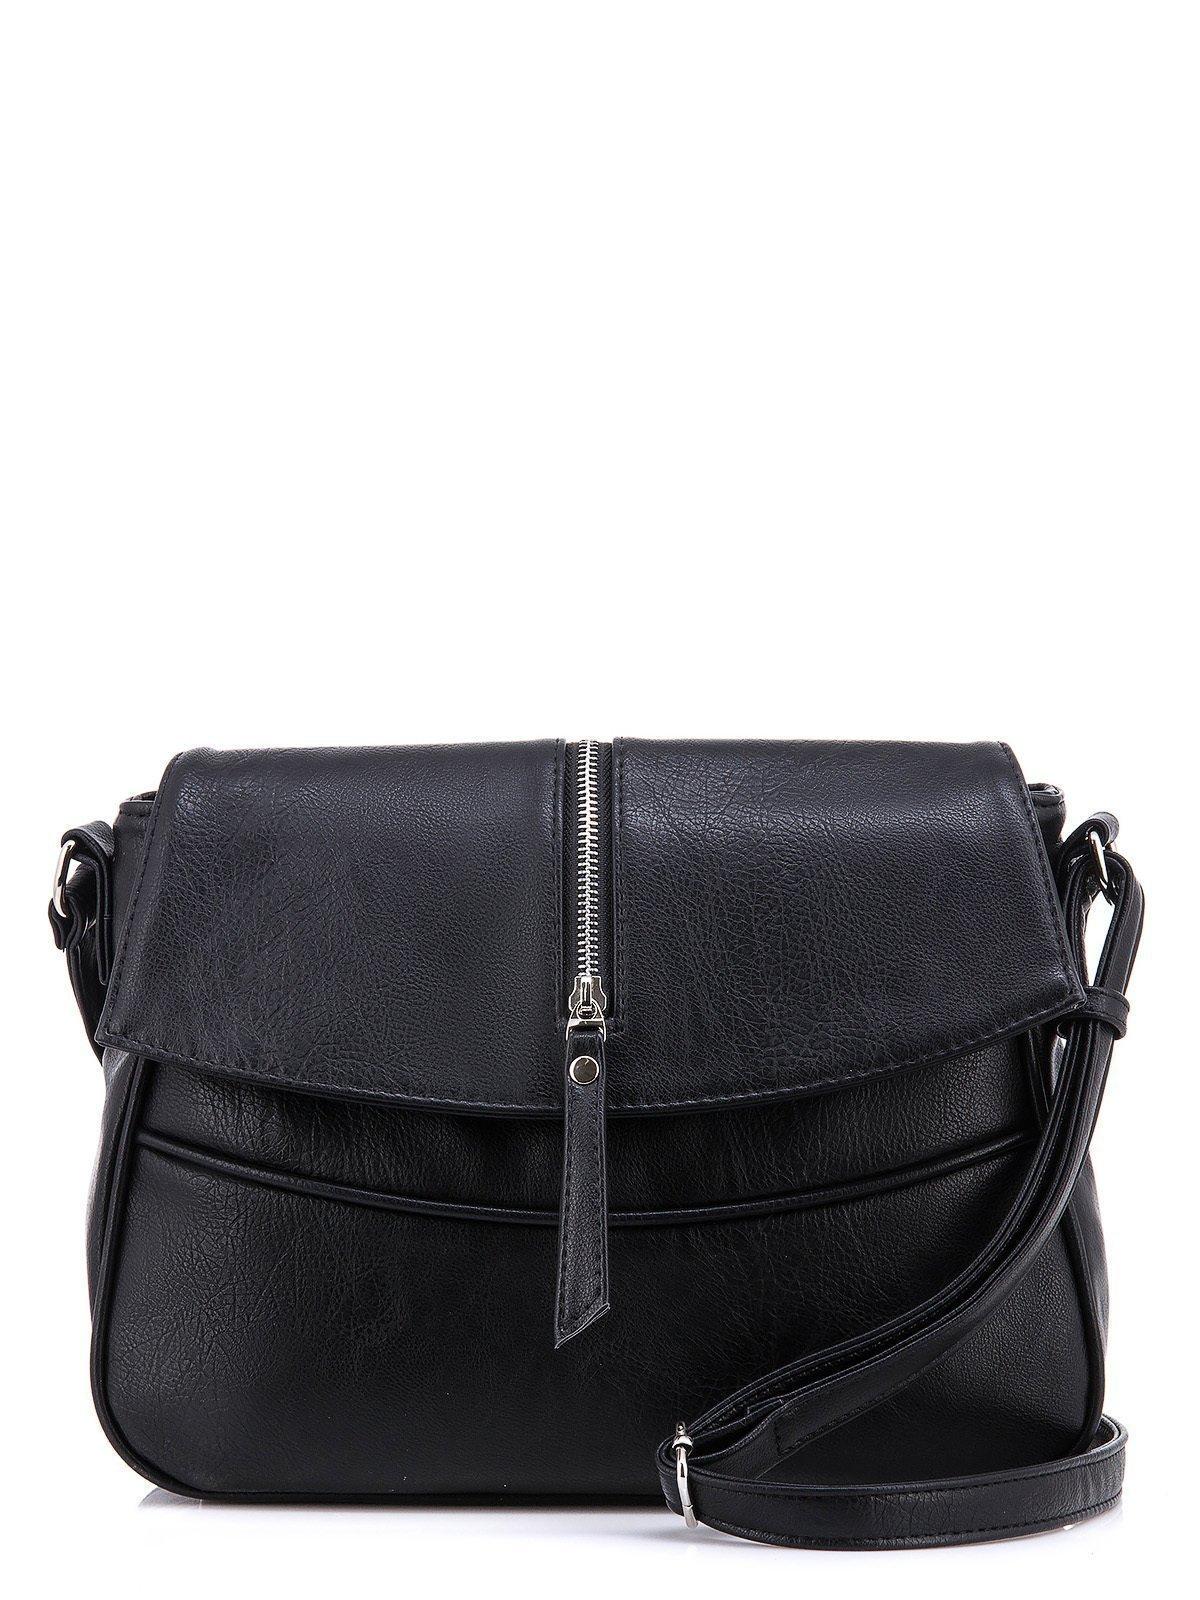 562d4b226d81 Сумка планшет от фабрики сумок S.Lavia